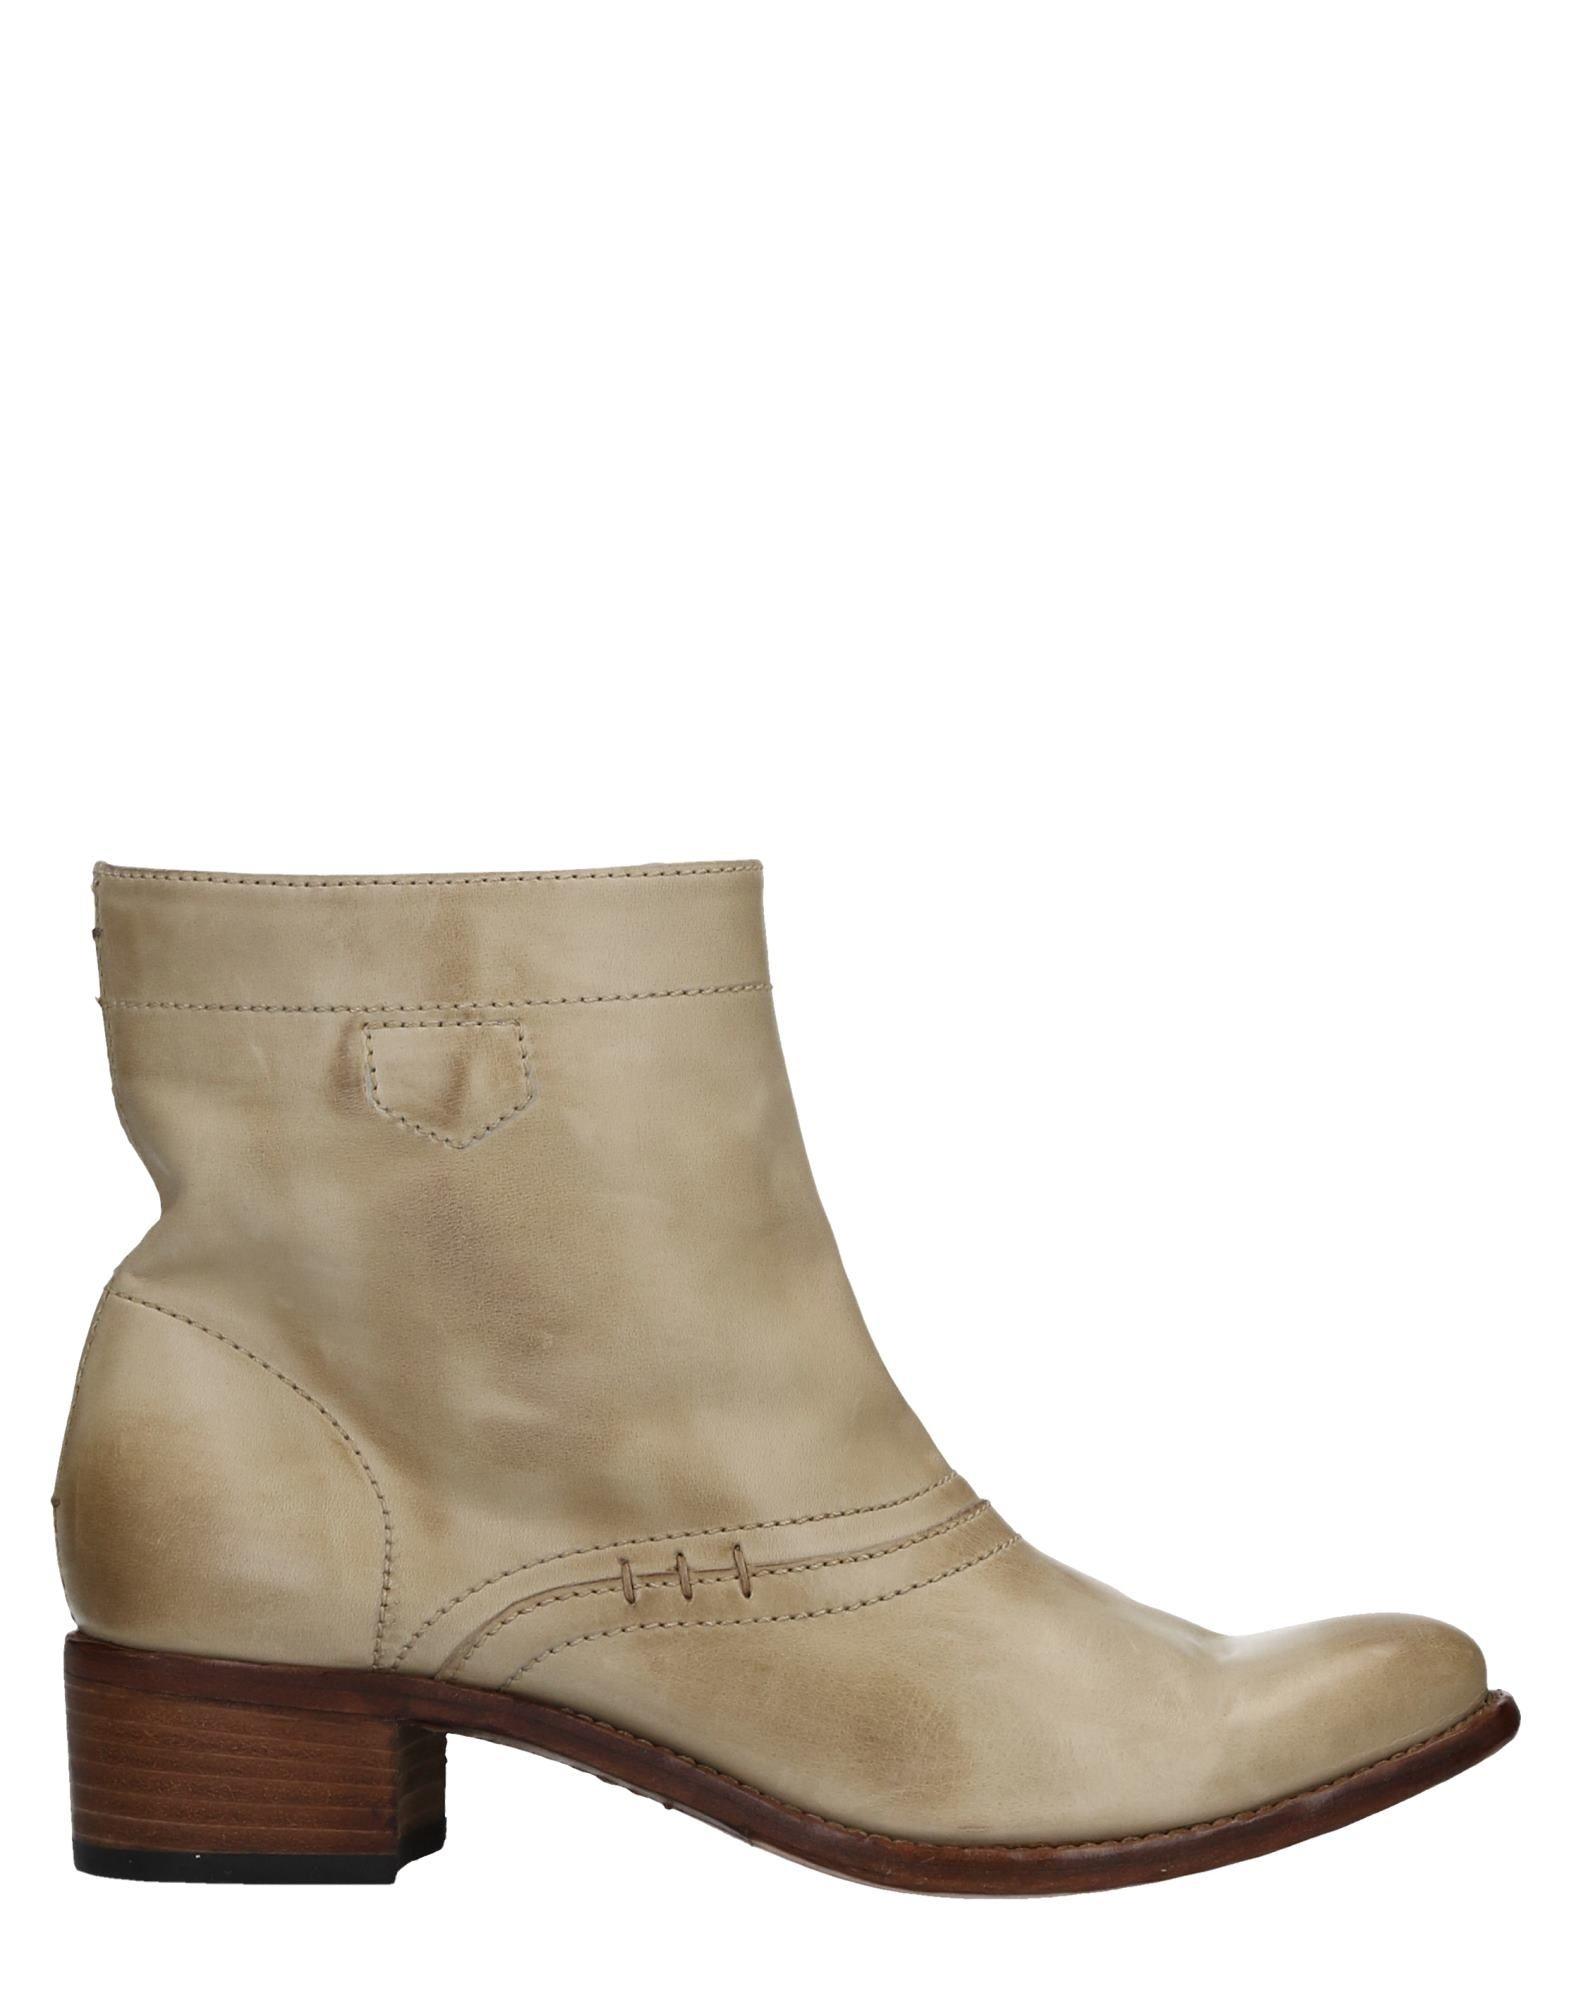 Pantanetti Stiefelette Damen  11512298WMGut aussehende strapazierfähige Schuhe